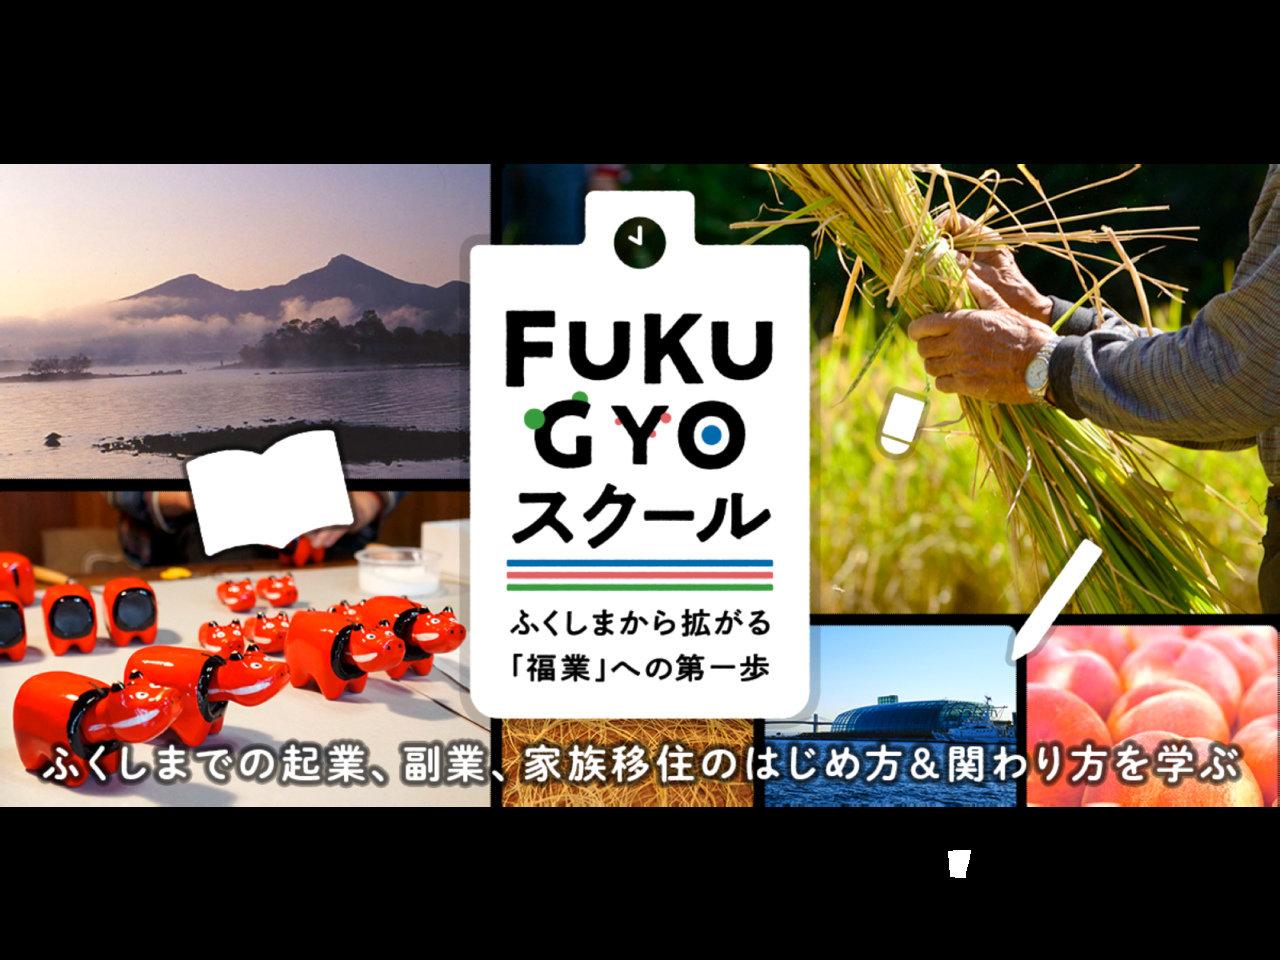 福島県初。起業・副業・家族移住を考える人のための「FUKUGYOスクール」9月から開講。